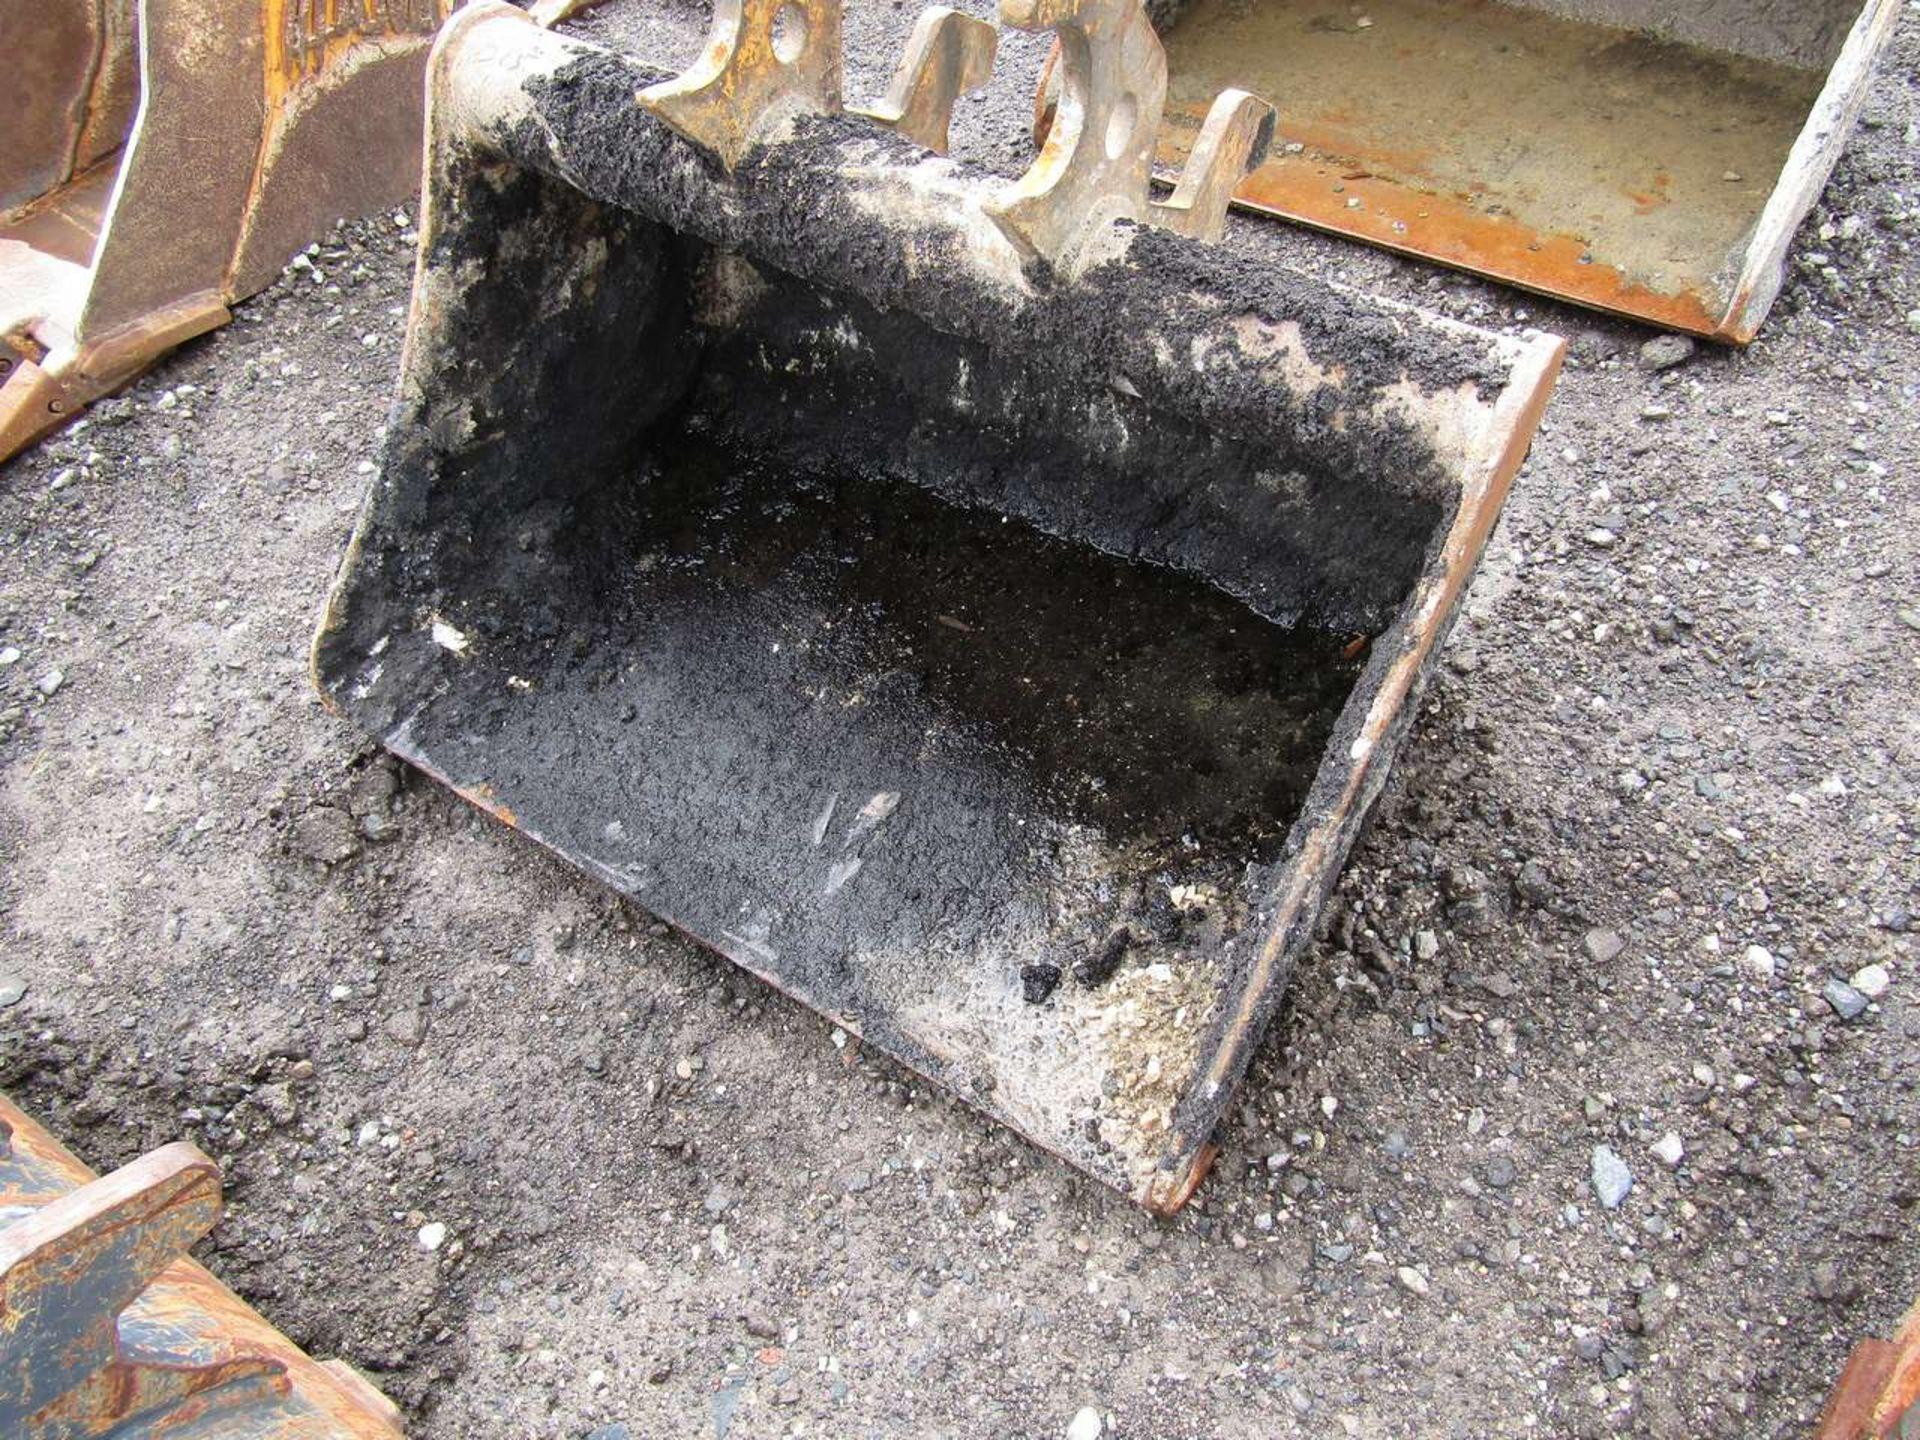 Lot 515 - Excavator Bucket